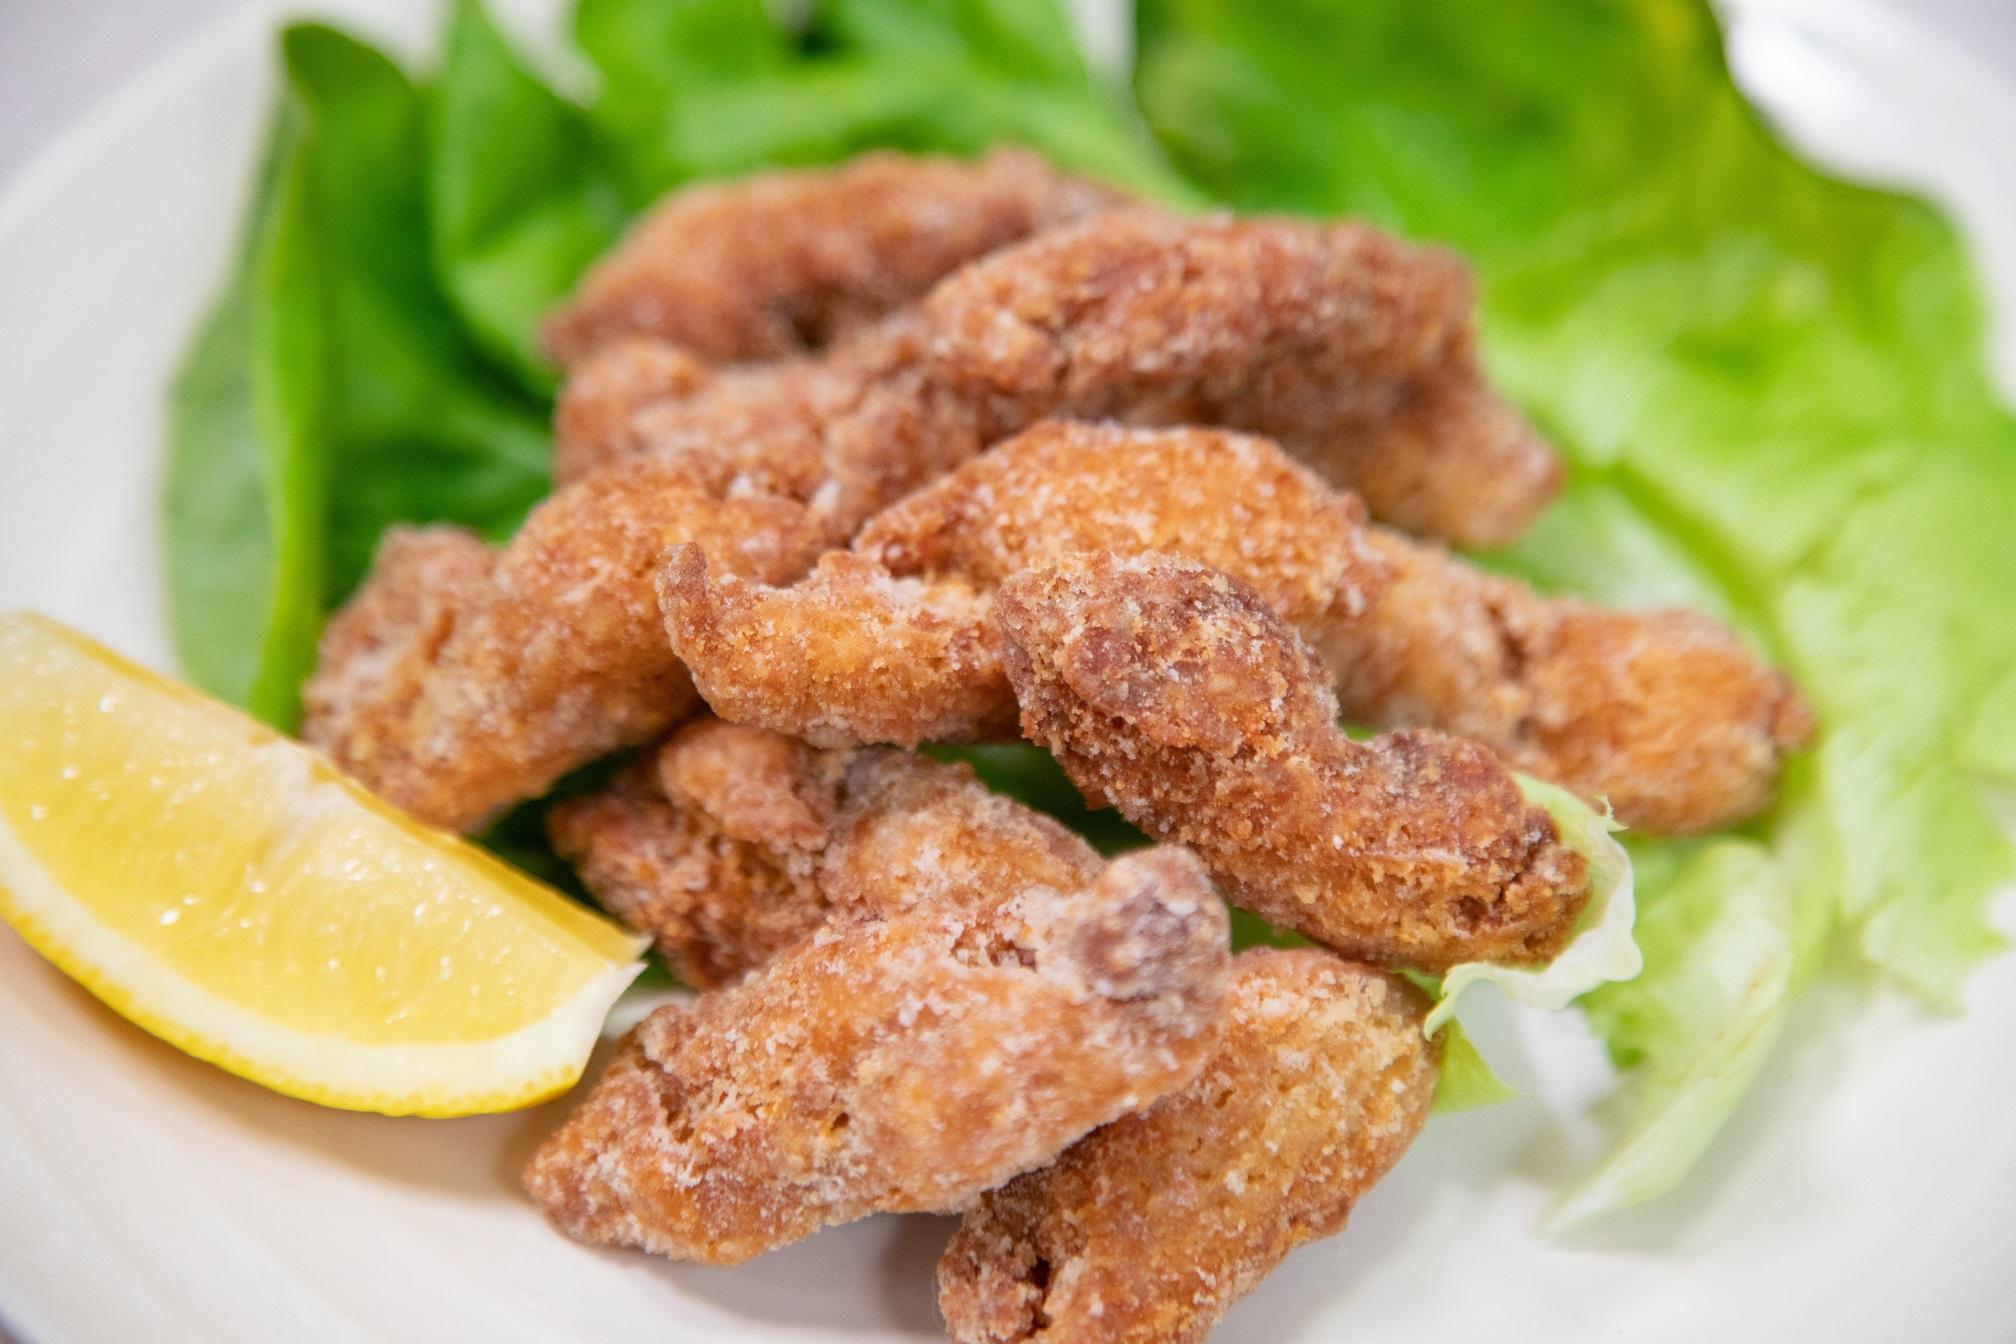 【#レシピ】チキンナゲット風から揚げ #大豆ミート  #スプレーミート のおすすめレシピ